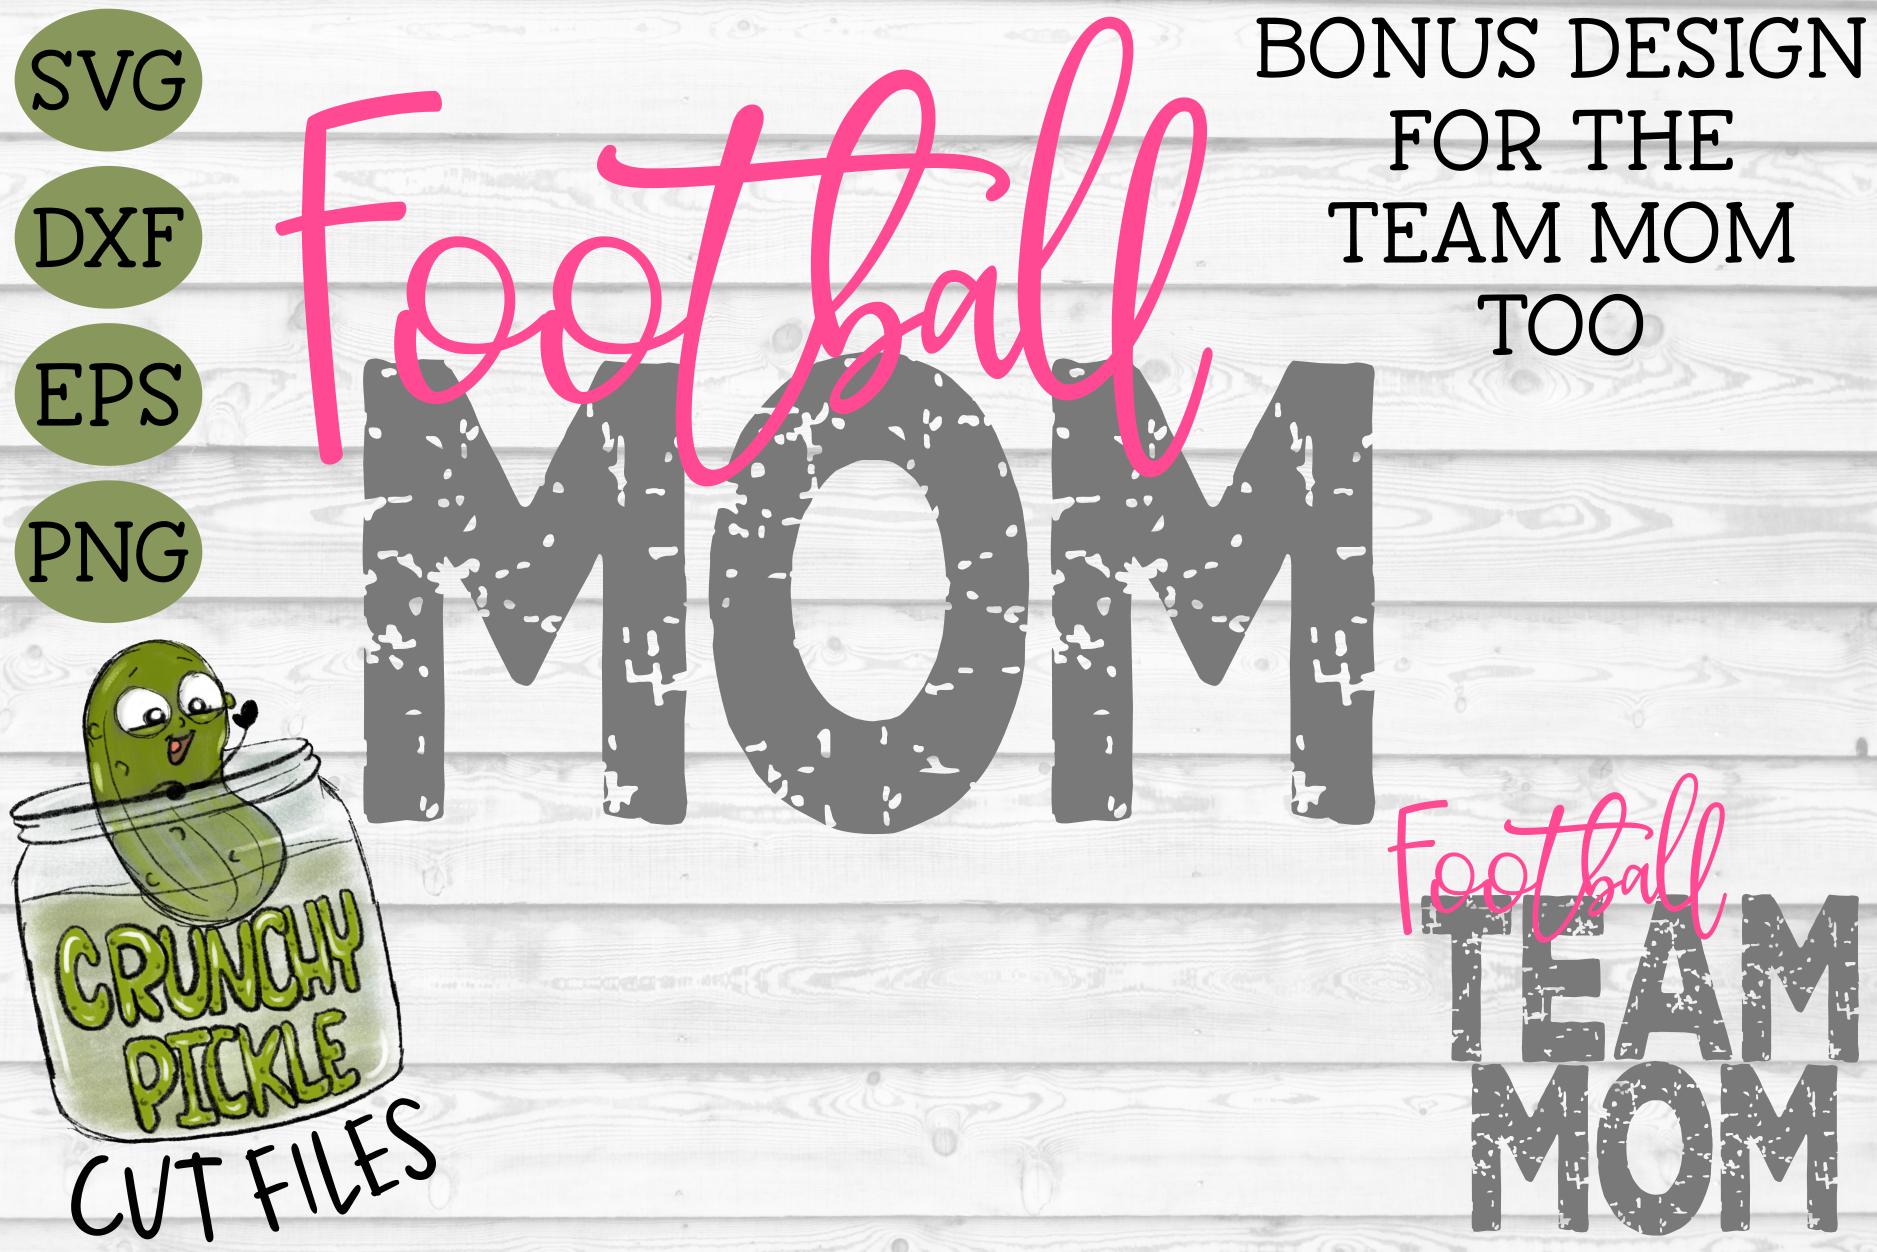 Football Mom & Bonus Team Mom Sports SVG Cut File example image 2